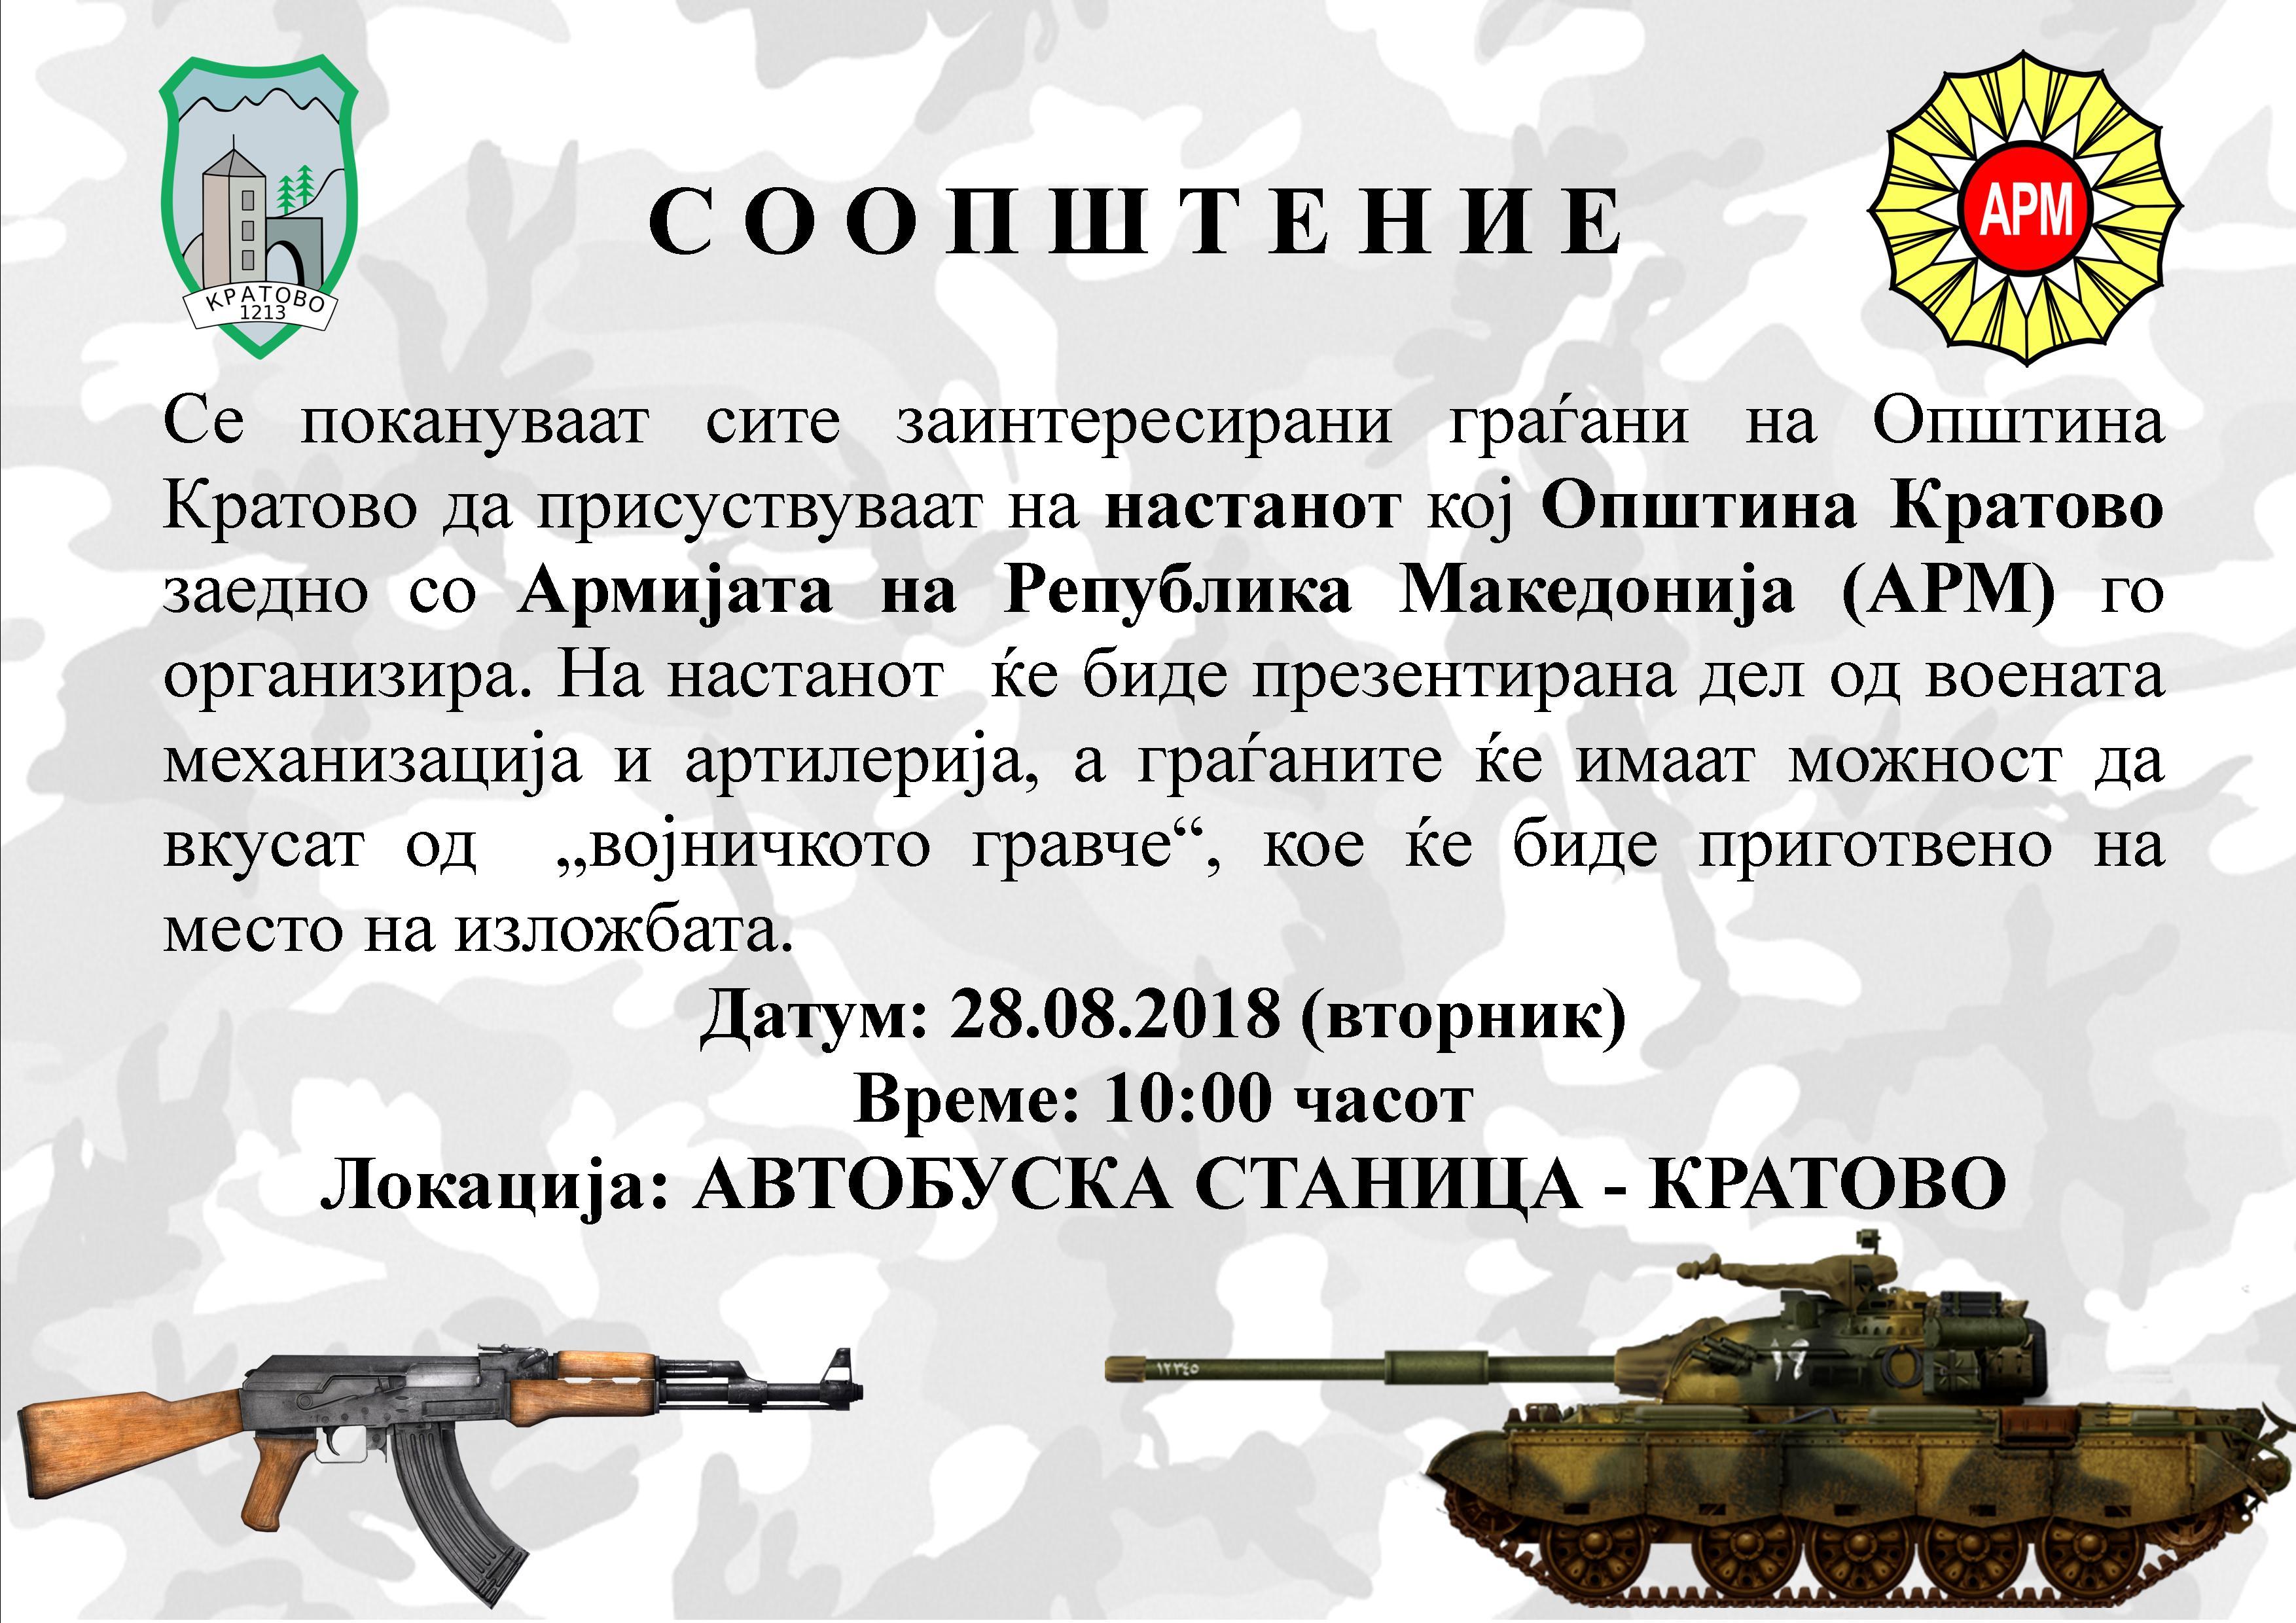 http://www.opstinakratovo.gov.mk/wp-content/uploads/2018/08/%D0%9D%D0%B0%D1%81%D1%82%D0%B0%D0%BD.jpg